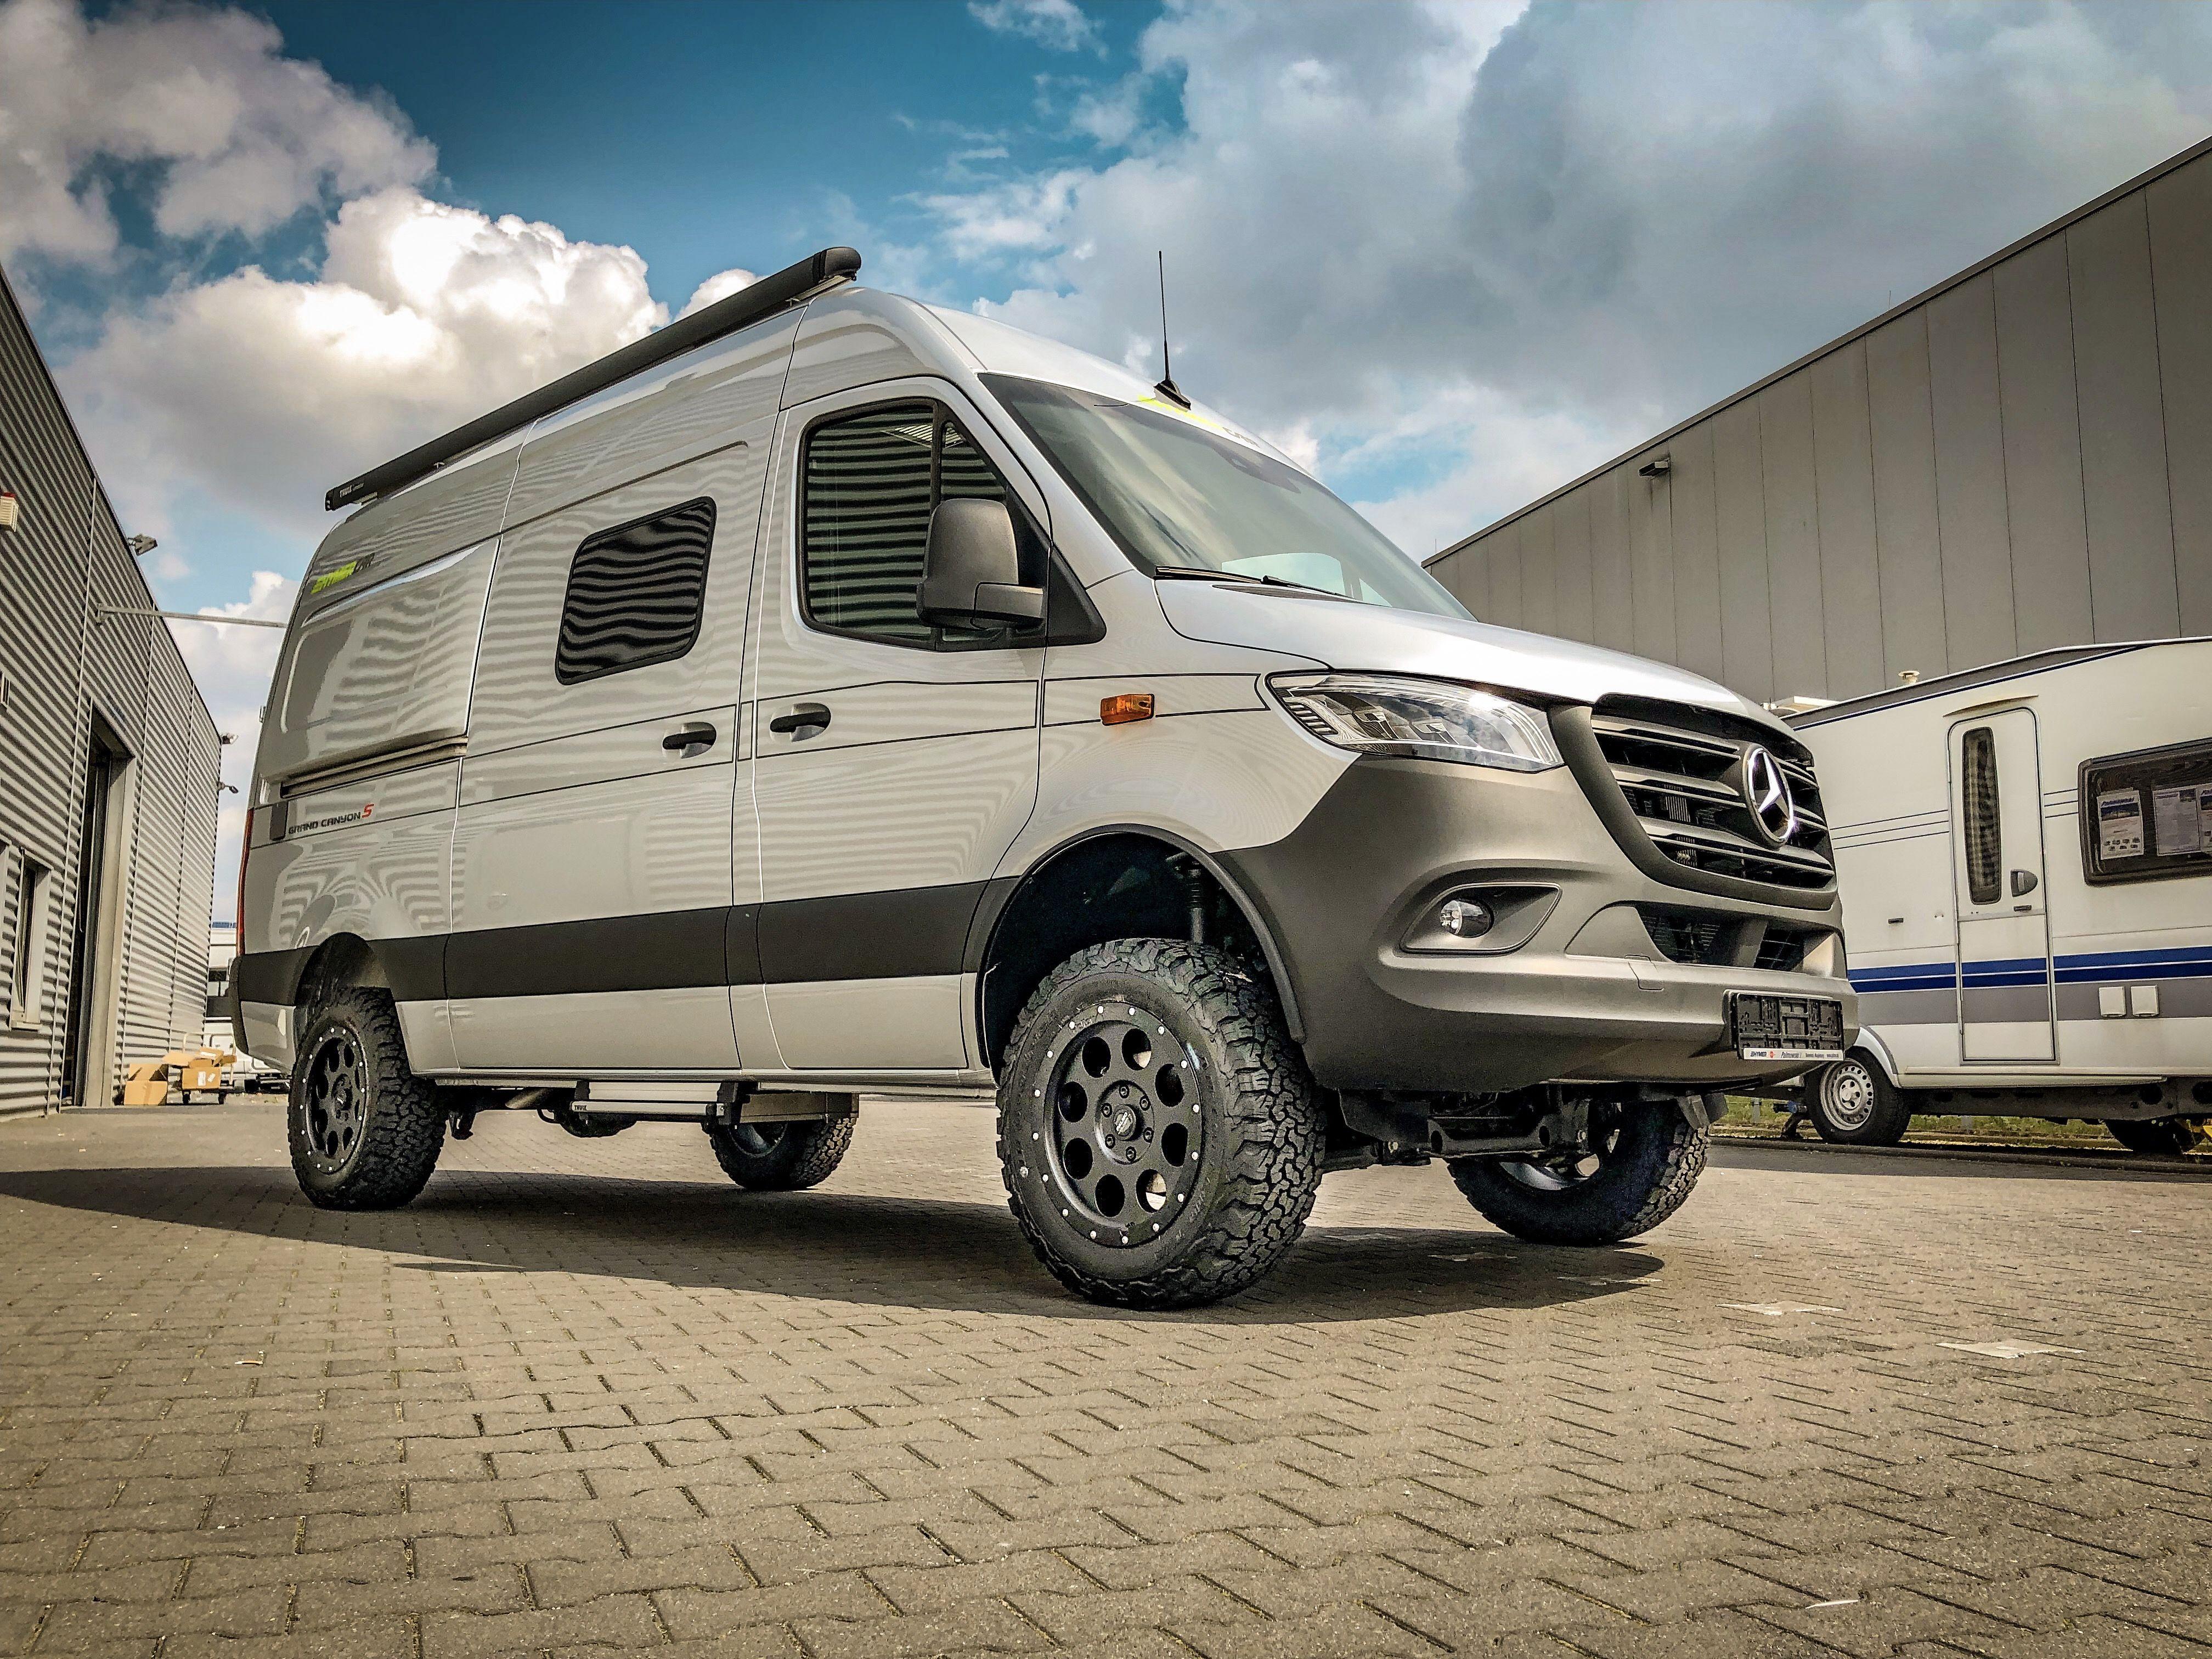 Beastmode 10 HYMER Camper Van  Reisemobil, Mercedes benz vans, Caravan